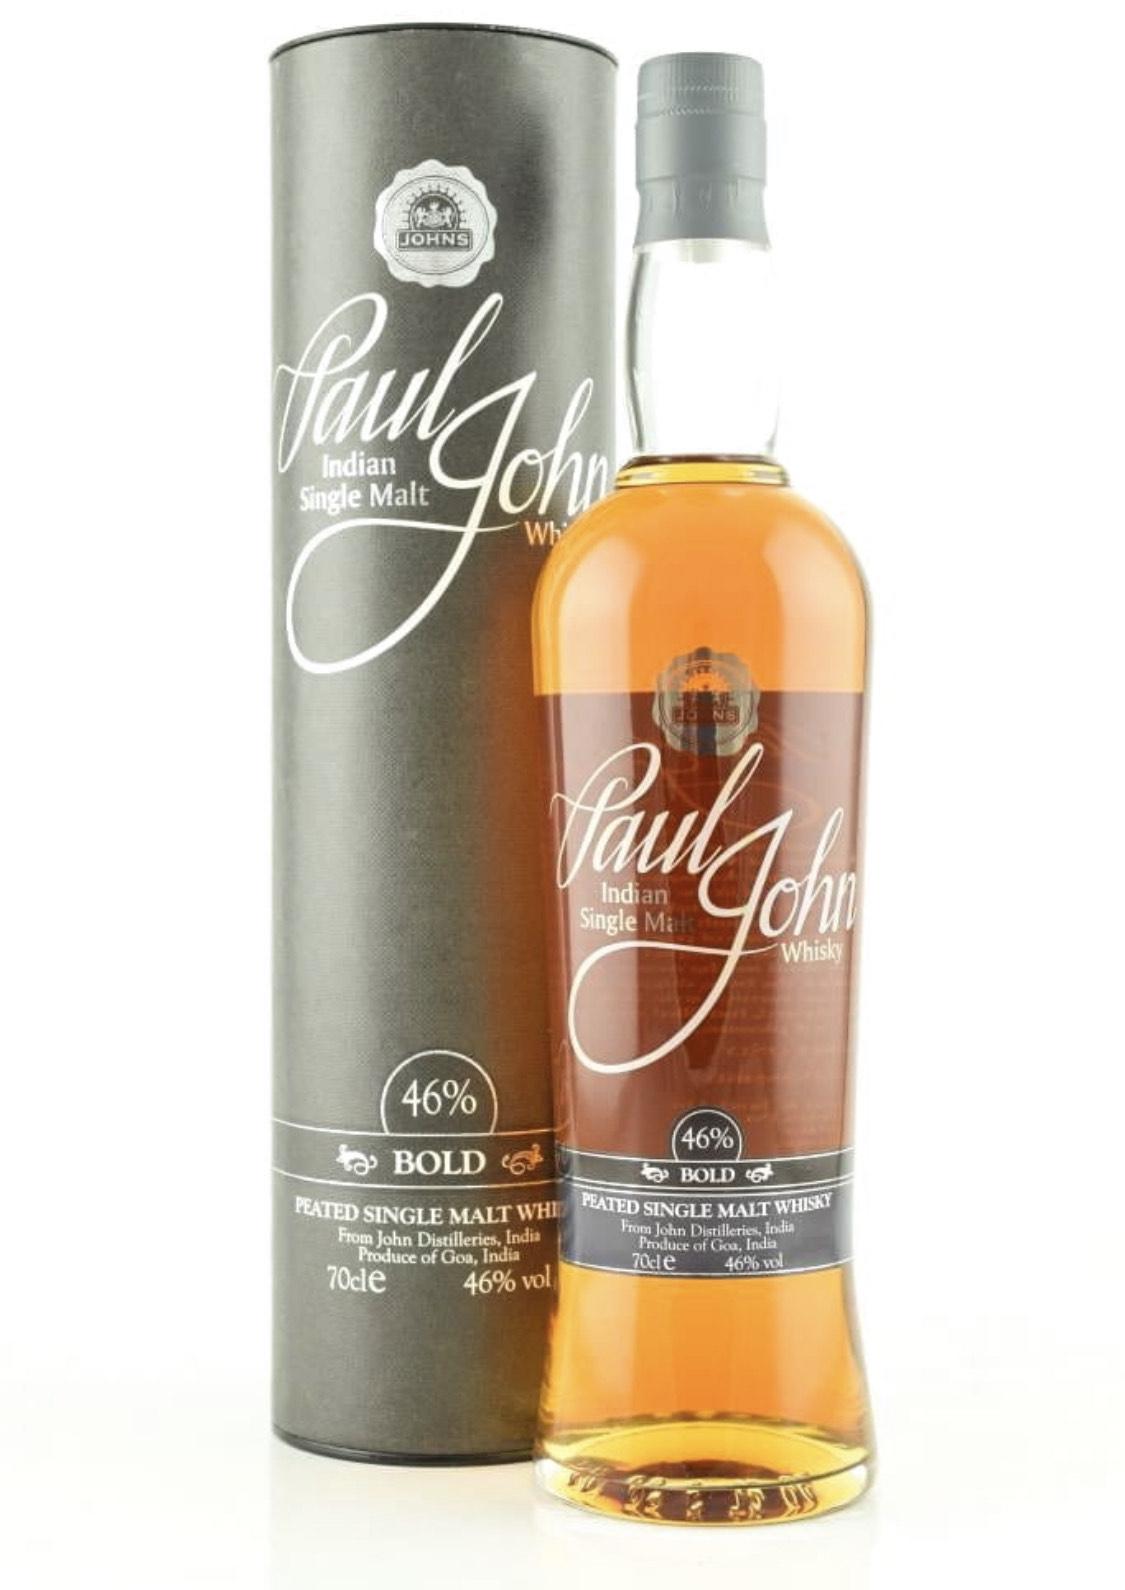 Paul John Bold 46%vol. 0,7l Single Malt Whisky